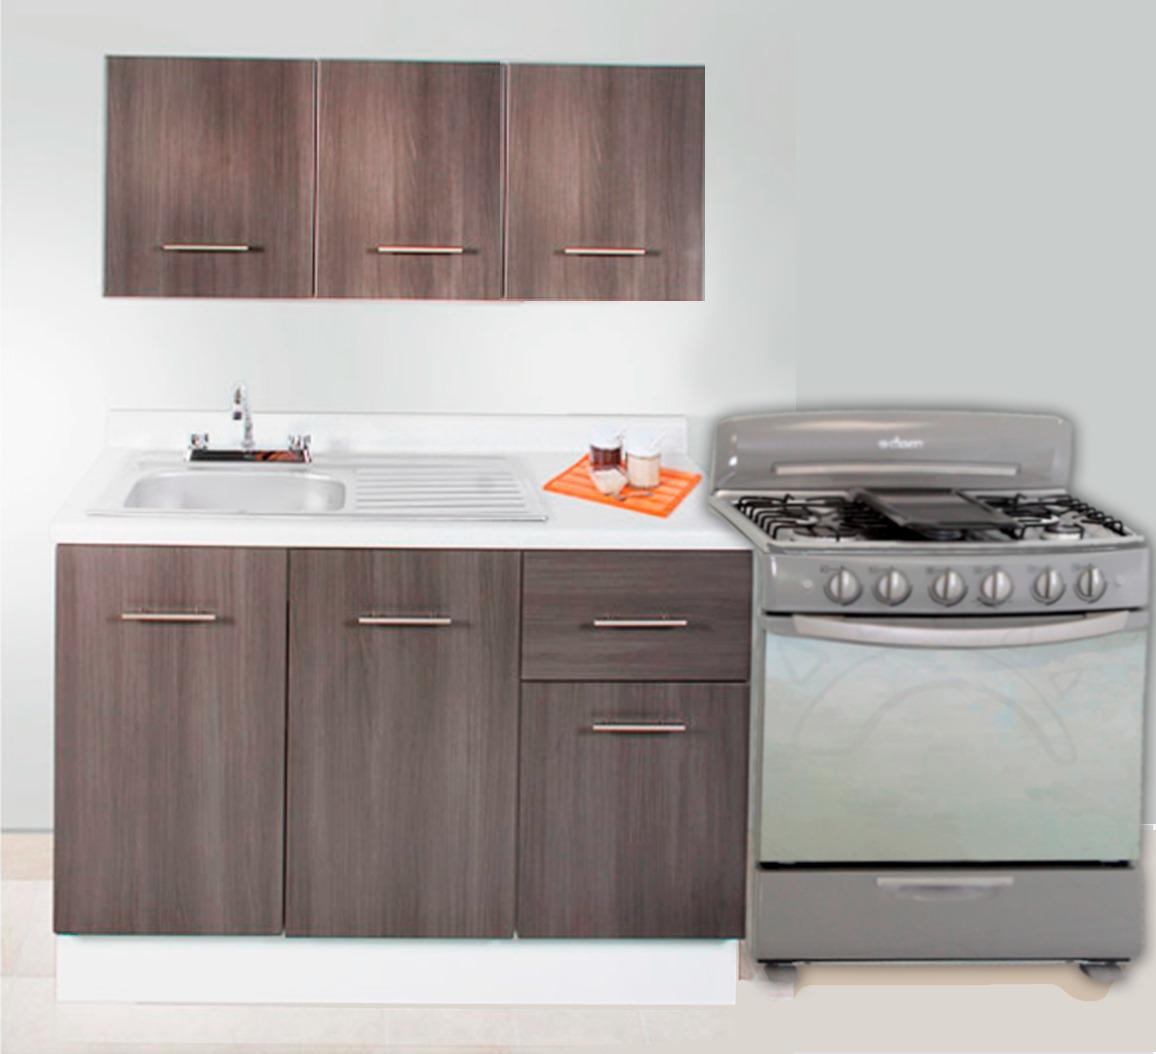 Gabinetes de cocina peque a sencillos ideas for Gabinetes de cocina en mdf